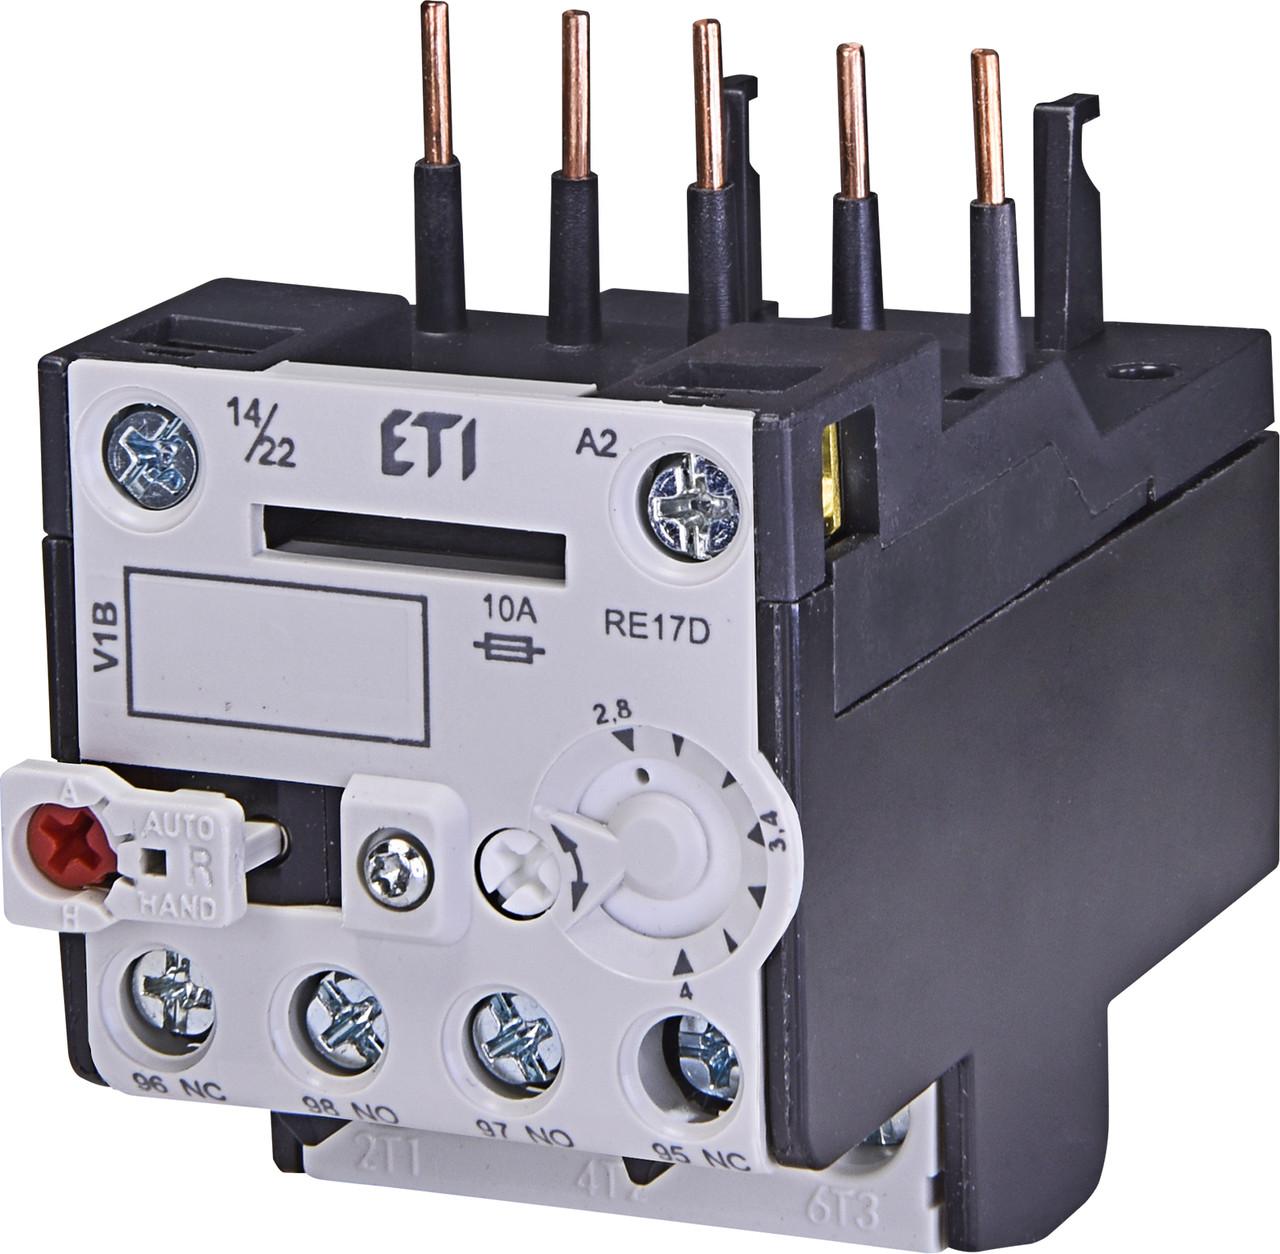 Тепловое реле ETI RE 17D-4.0 (2,8-4A) CE07/CEC 4641406 (для контакторов)